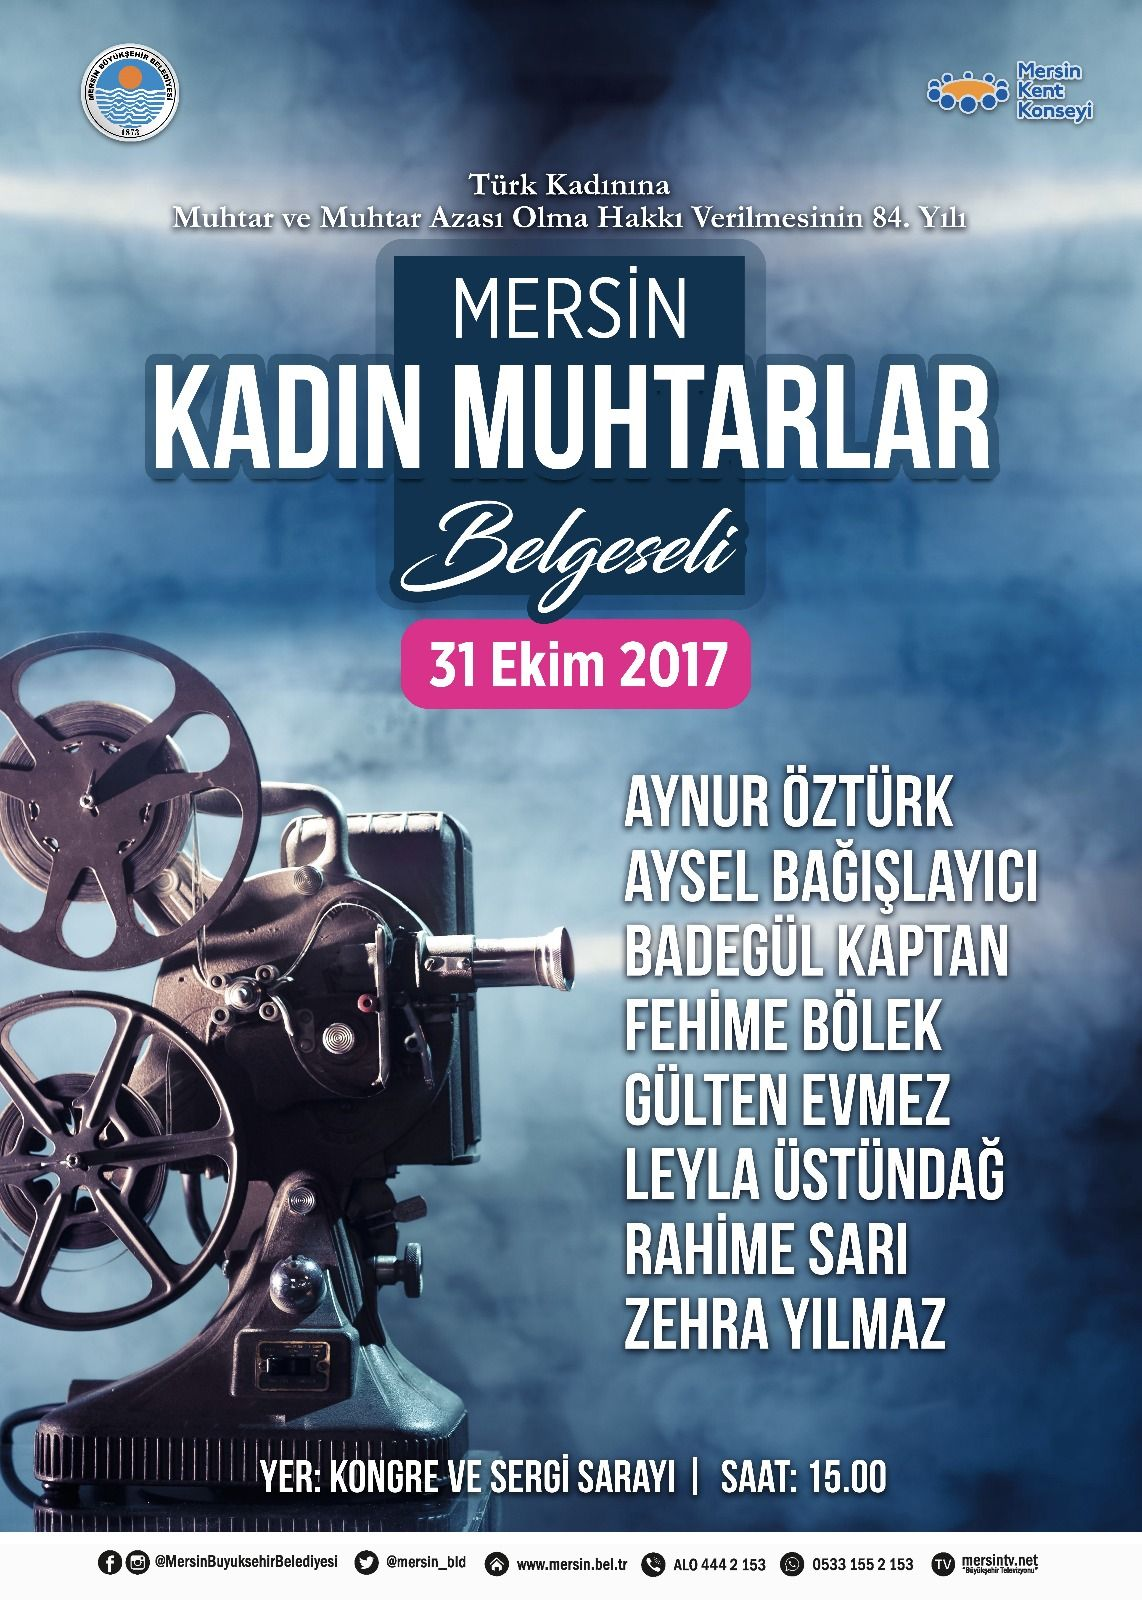 Mersin Kadın Muhtarlar Belgesel Film Gösterimi